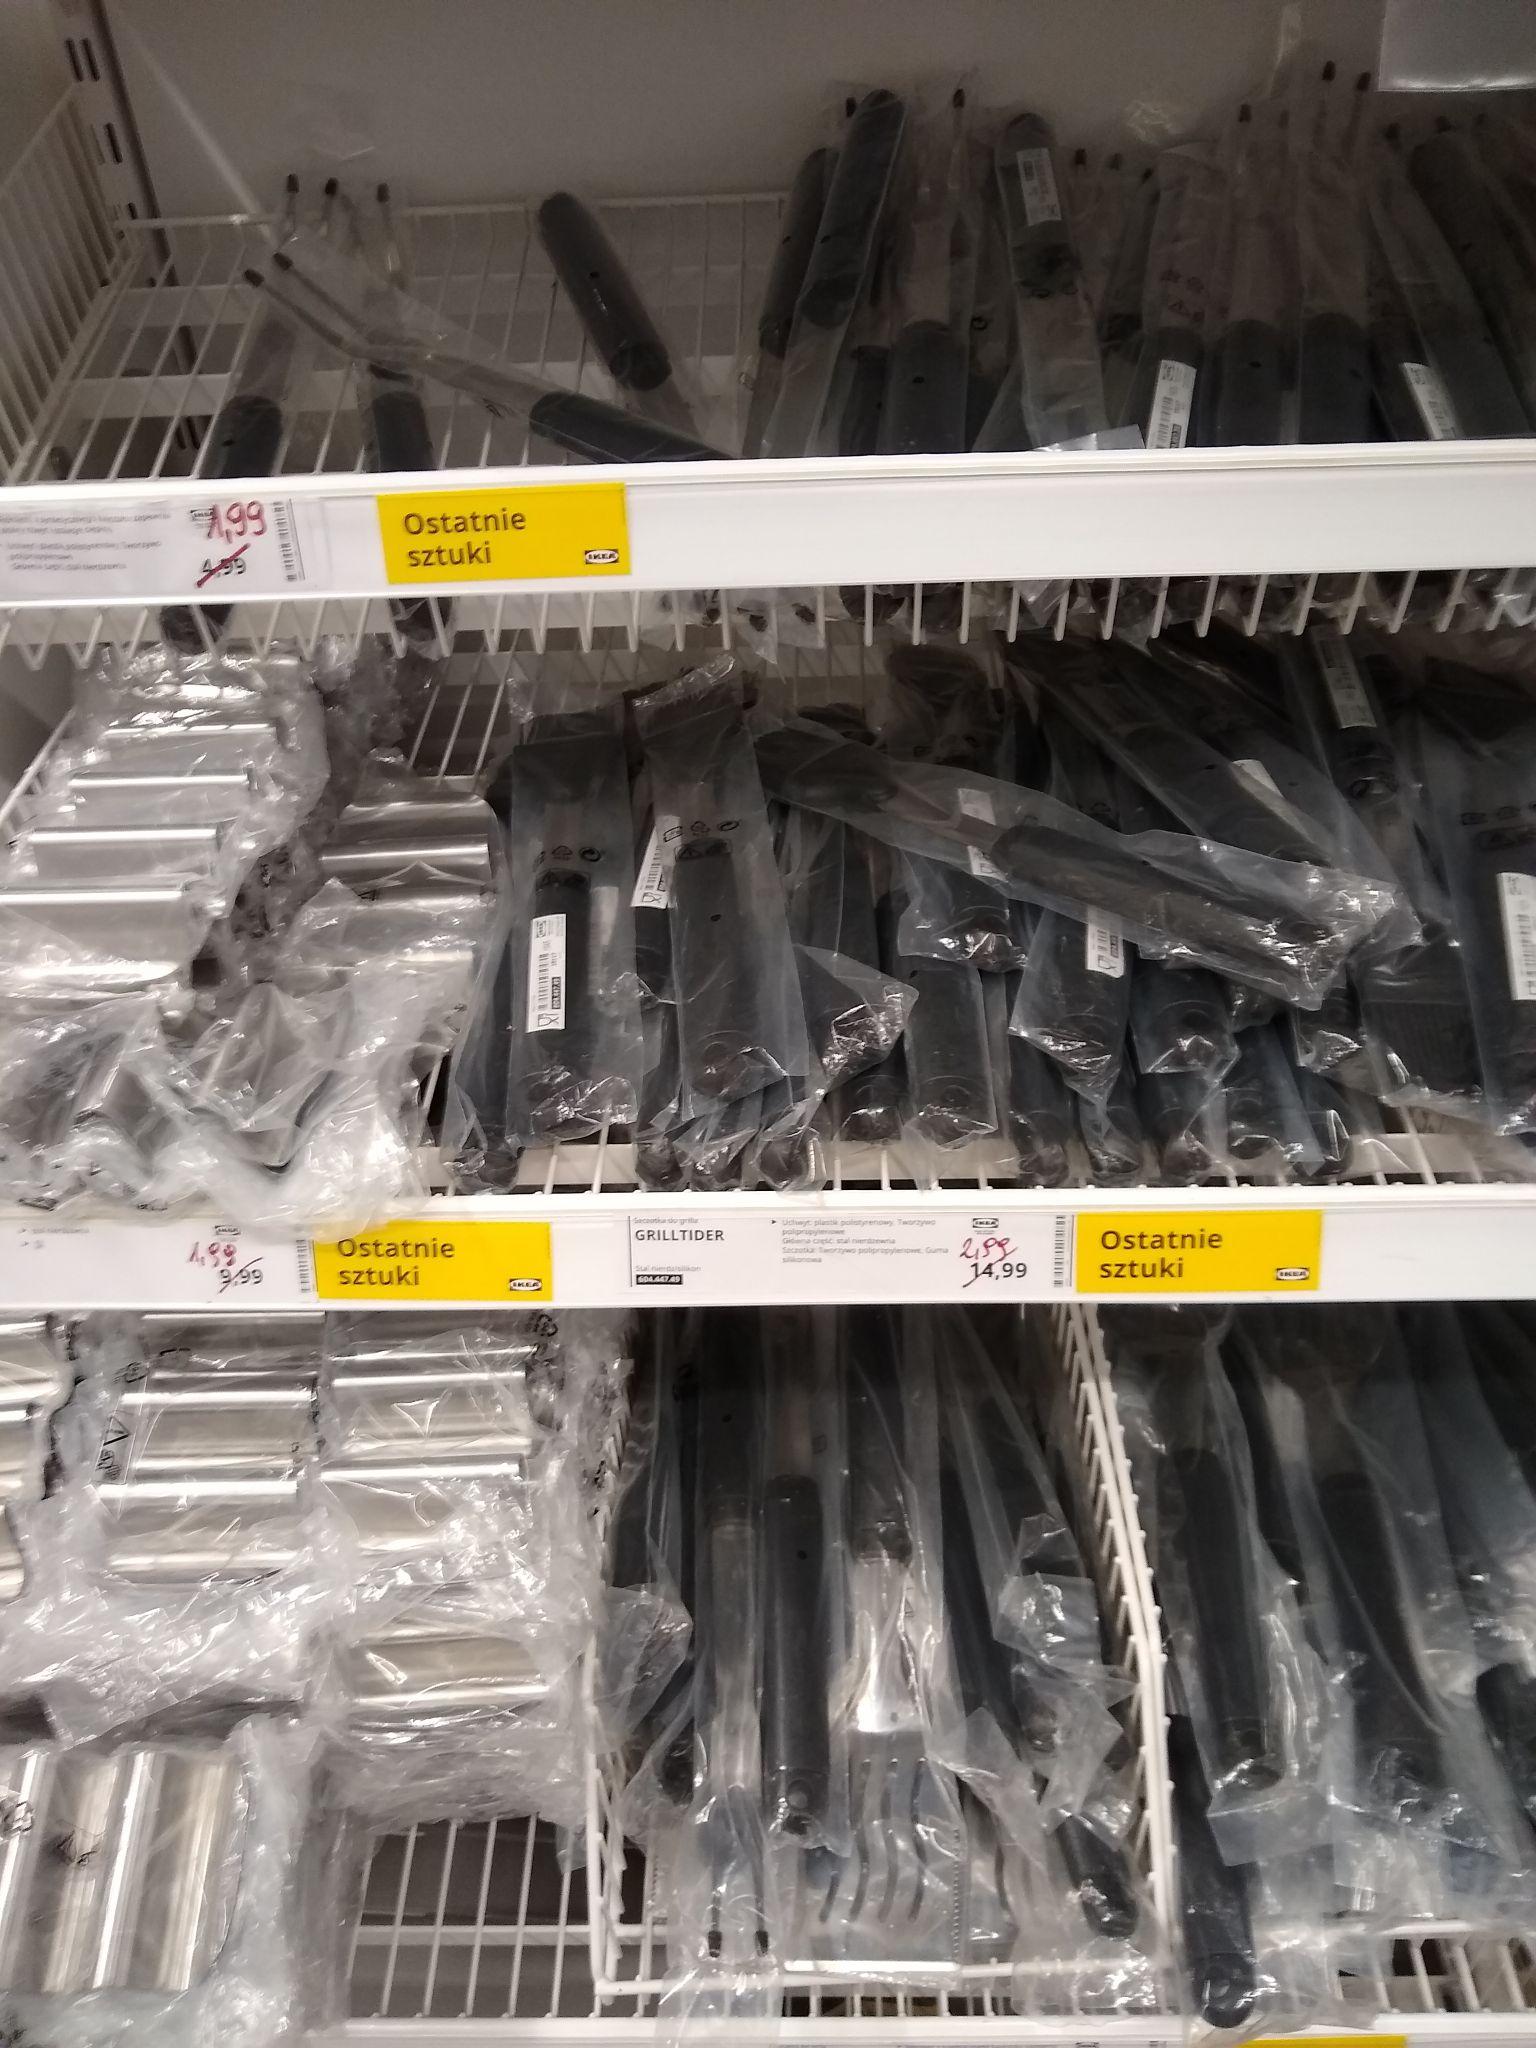 Akcesoria grillowe - Ikea lublin